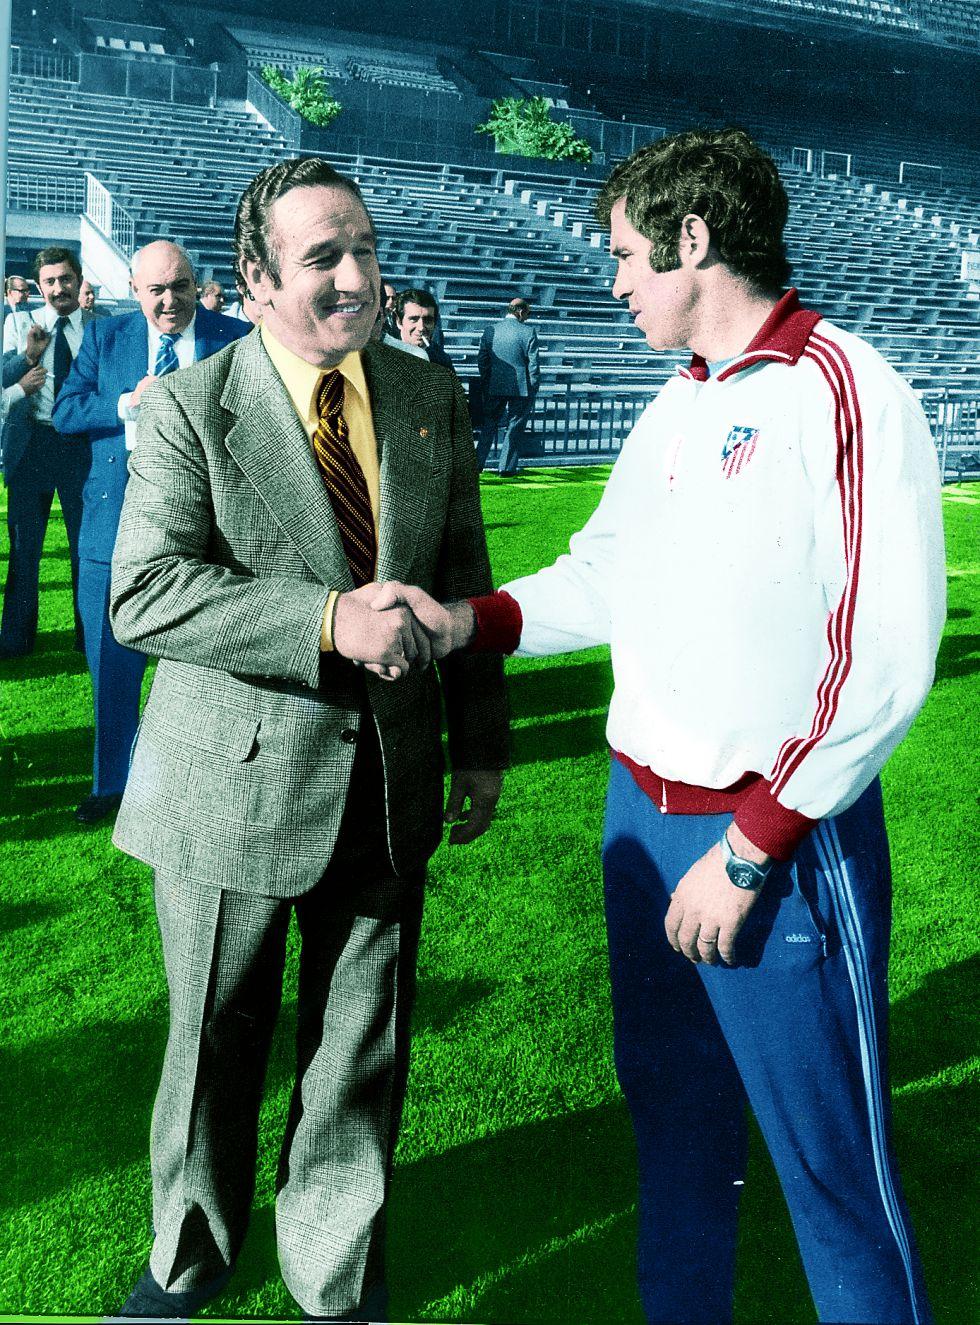 Hace 40 años Luis Aragonés pasó del césped al banquillo - AS.com